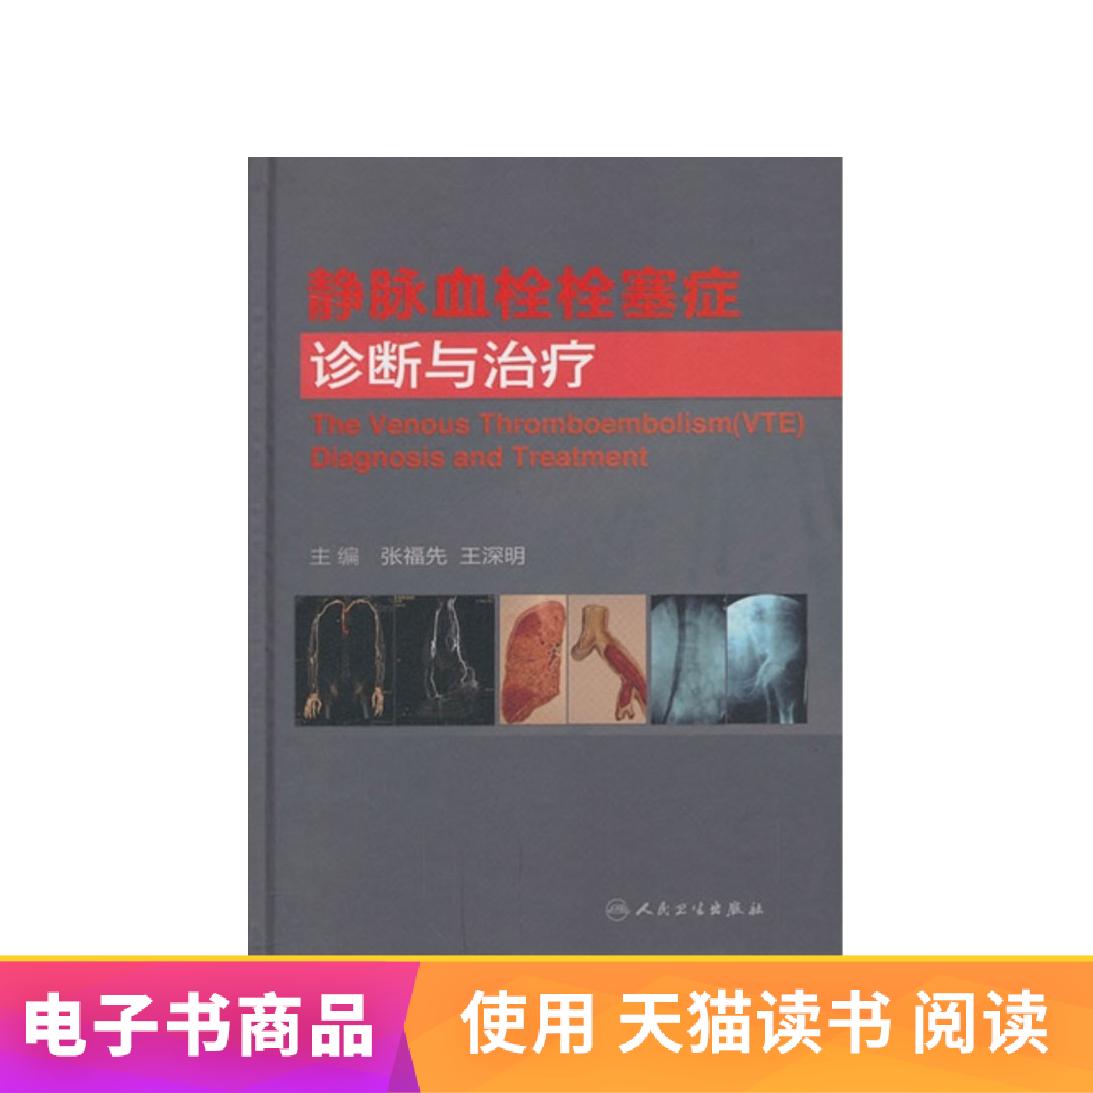 静脉血栓栓塞症诊断与治疗人民卫生出版社【电子书】